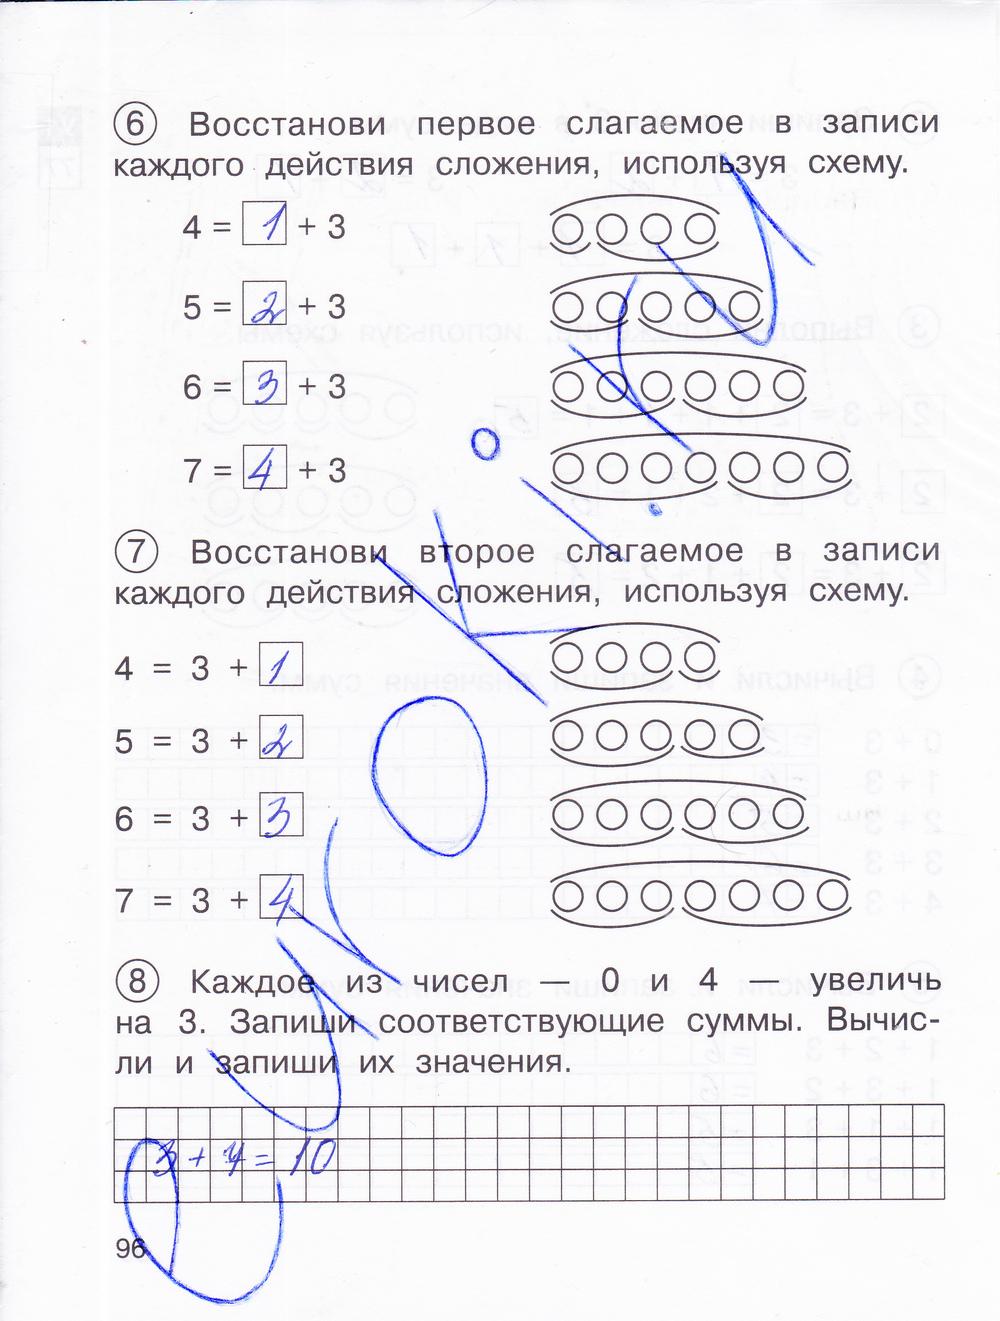 Класса 1 захарова для математике гдз по